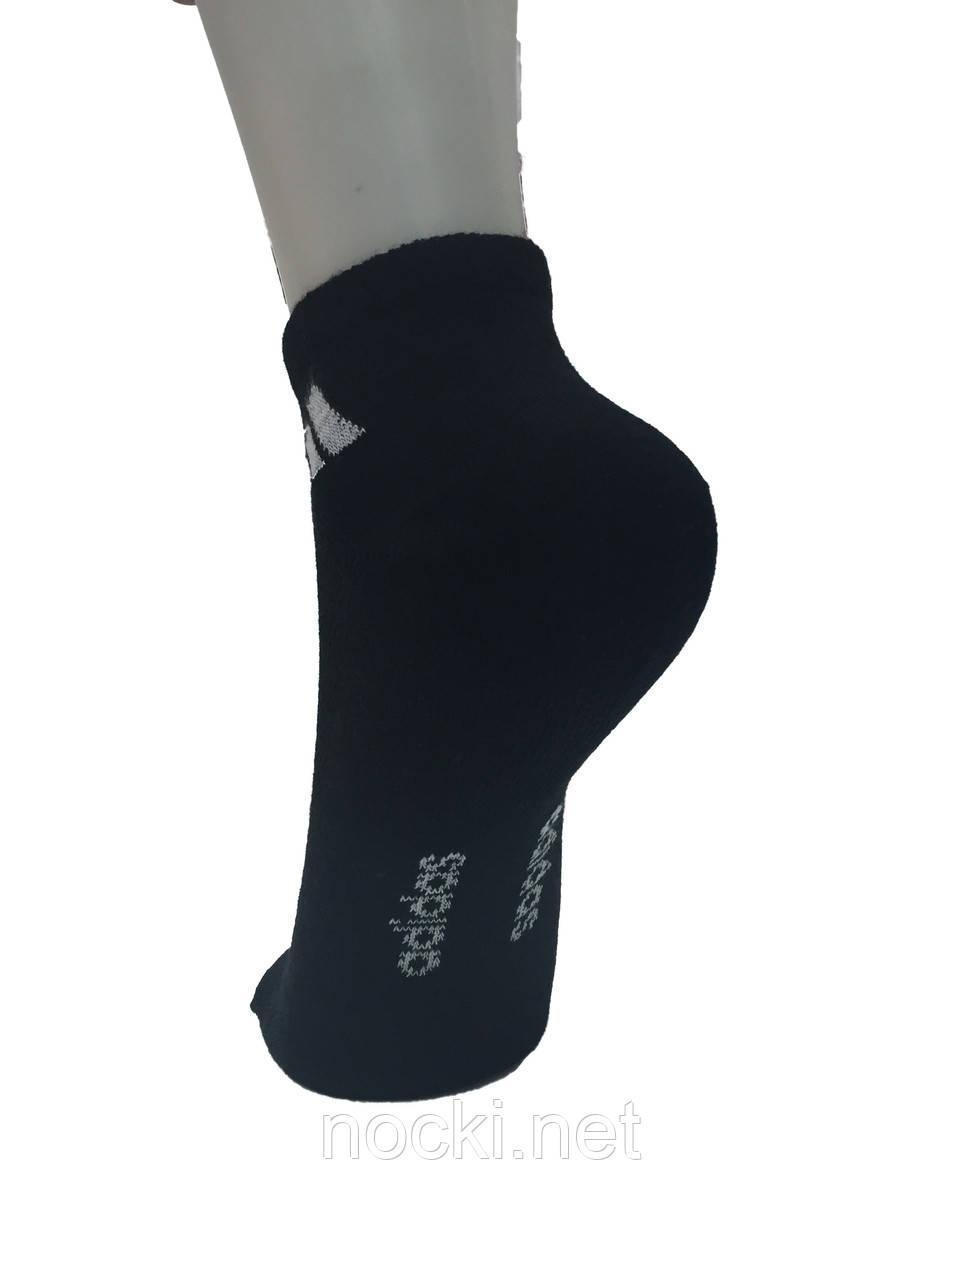 Шкарпетки жіночі літні короткі сітка спорт Adidas виробництво Туреччина